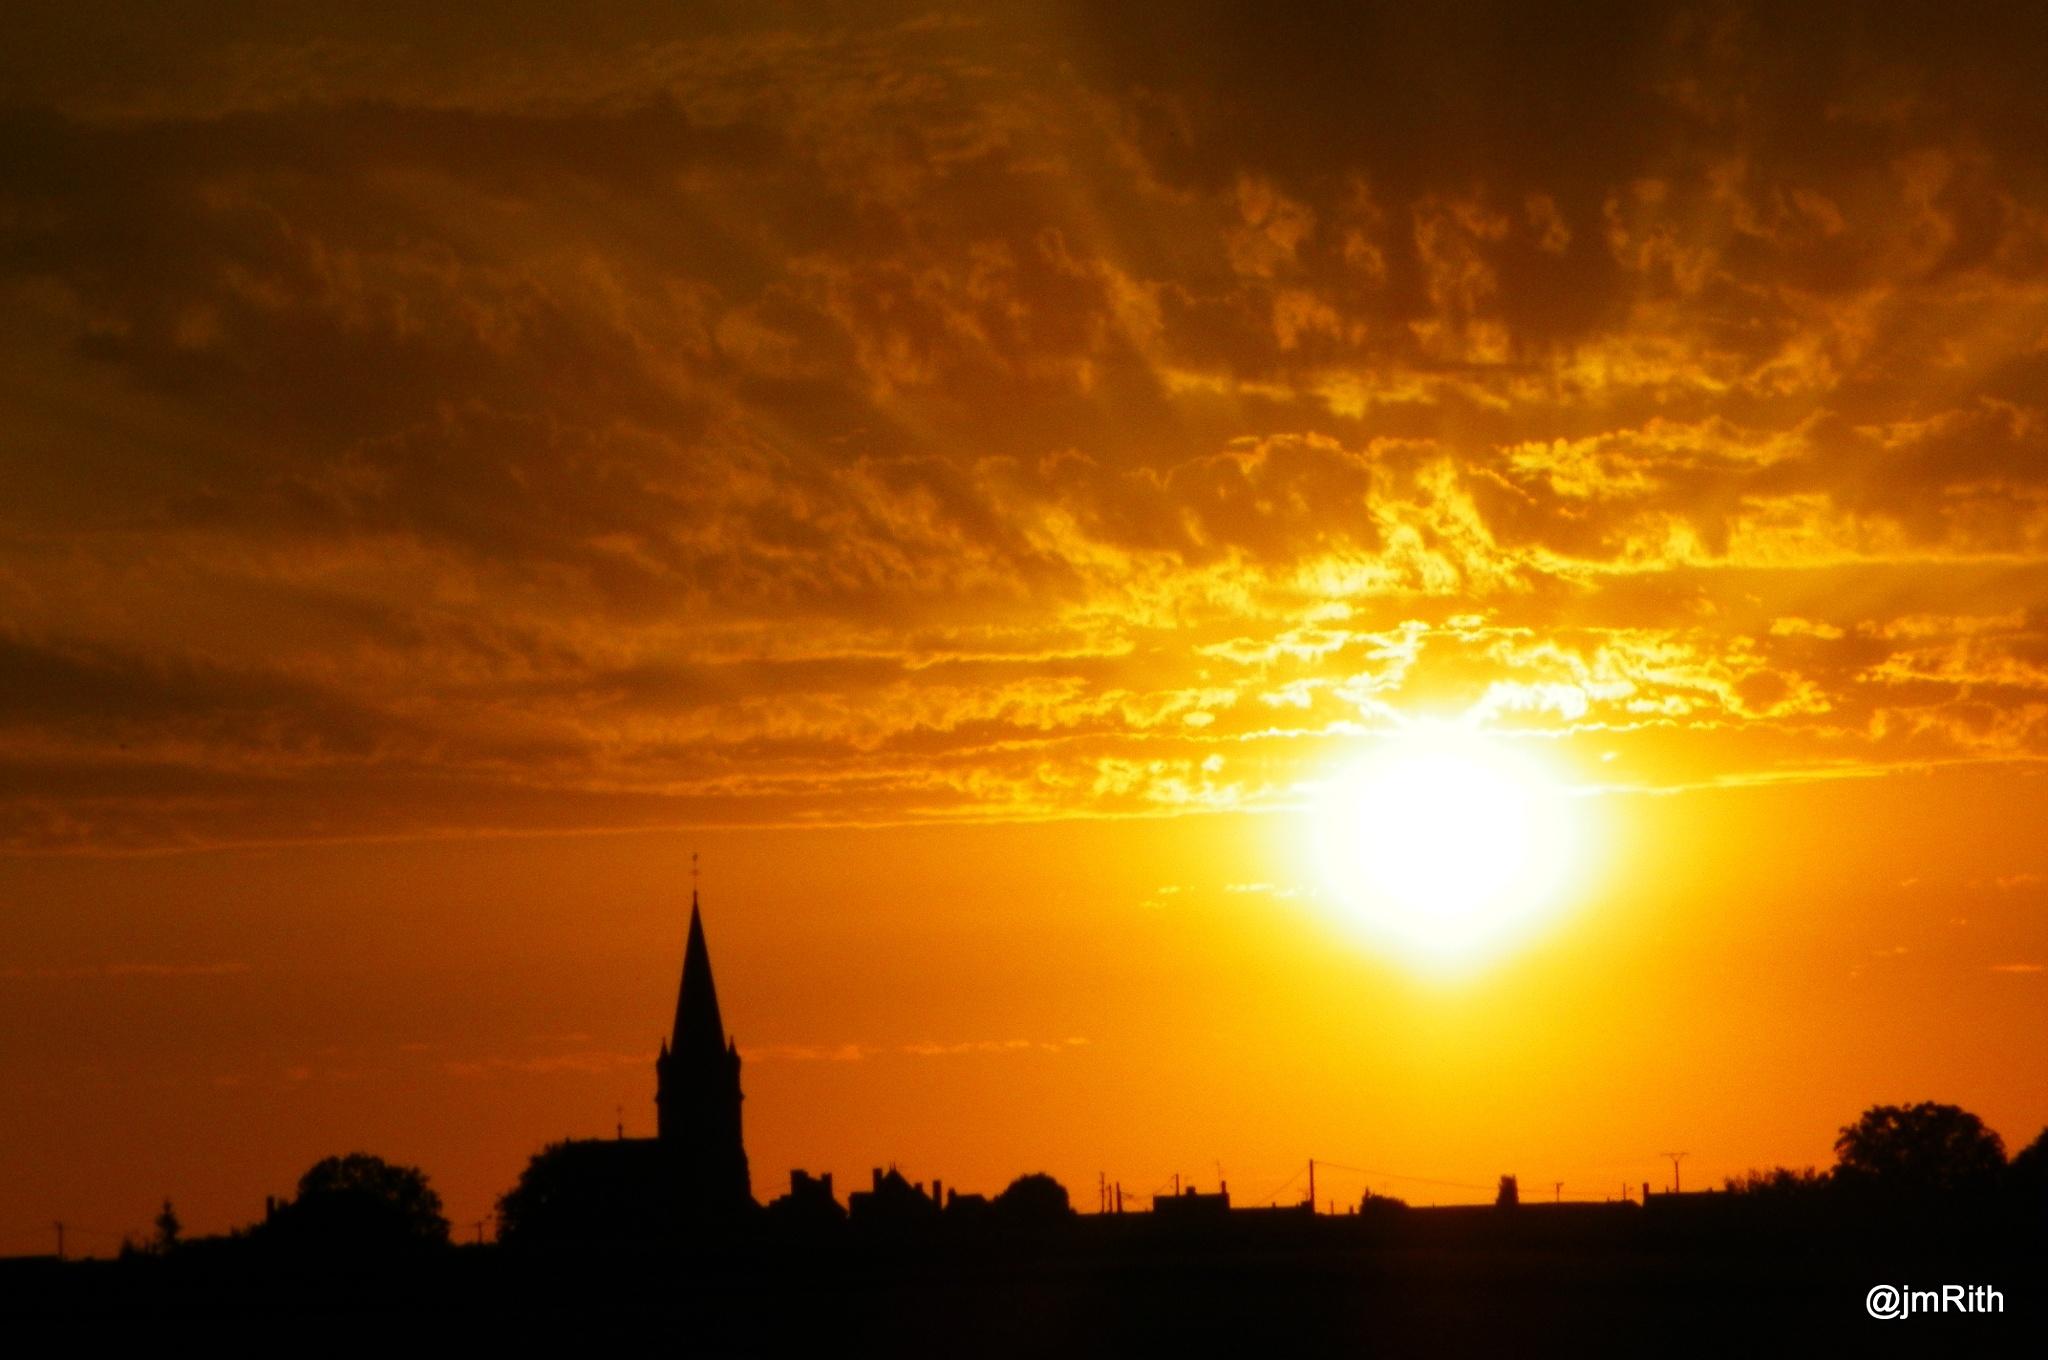 coucher de soleil by Jmrith